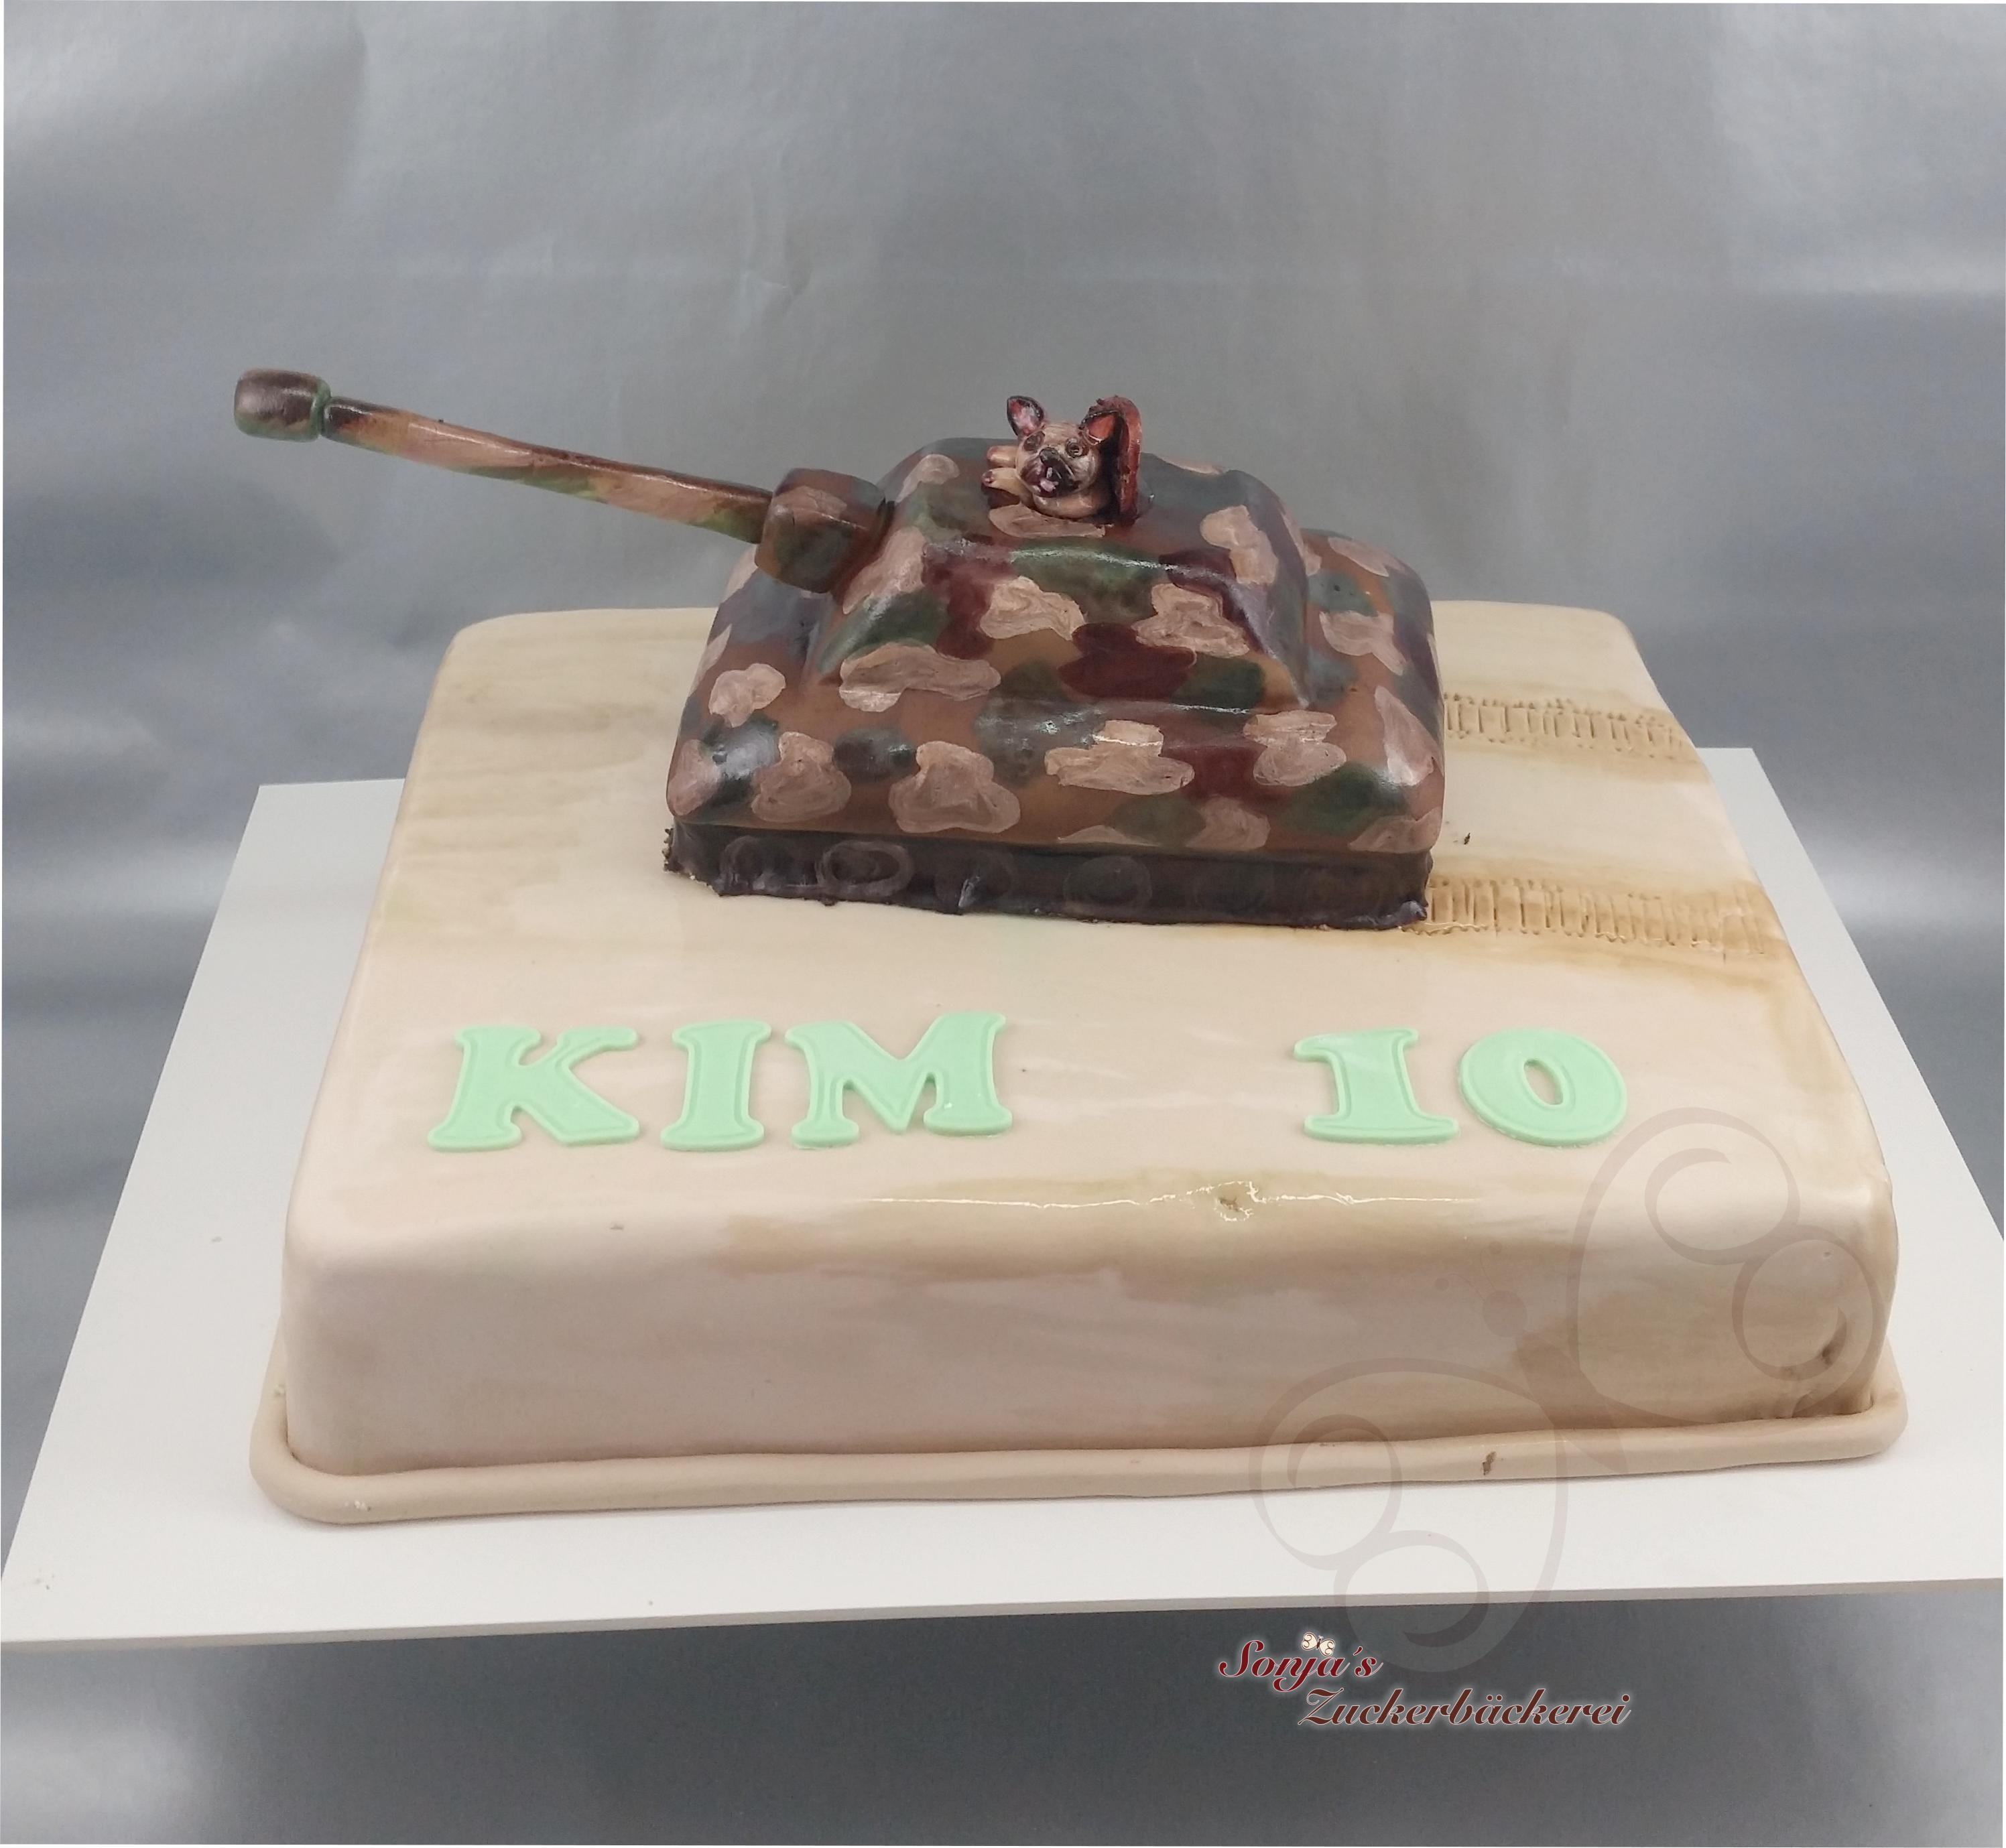 Rechteckige Torte Zum 10 Geburtstag Sonjas Zuckerbäckerei